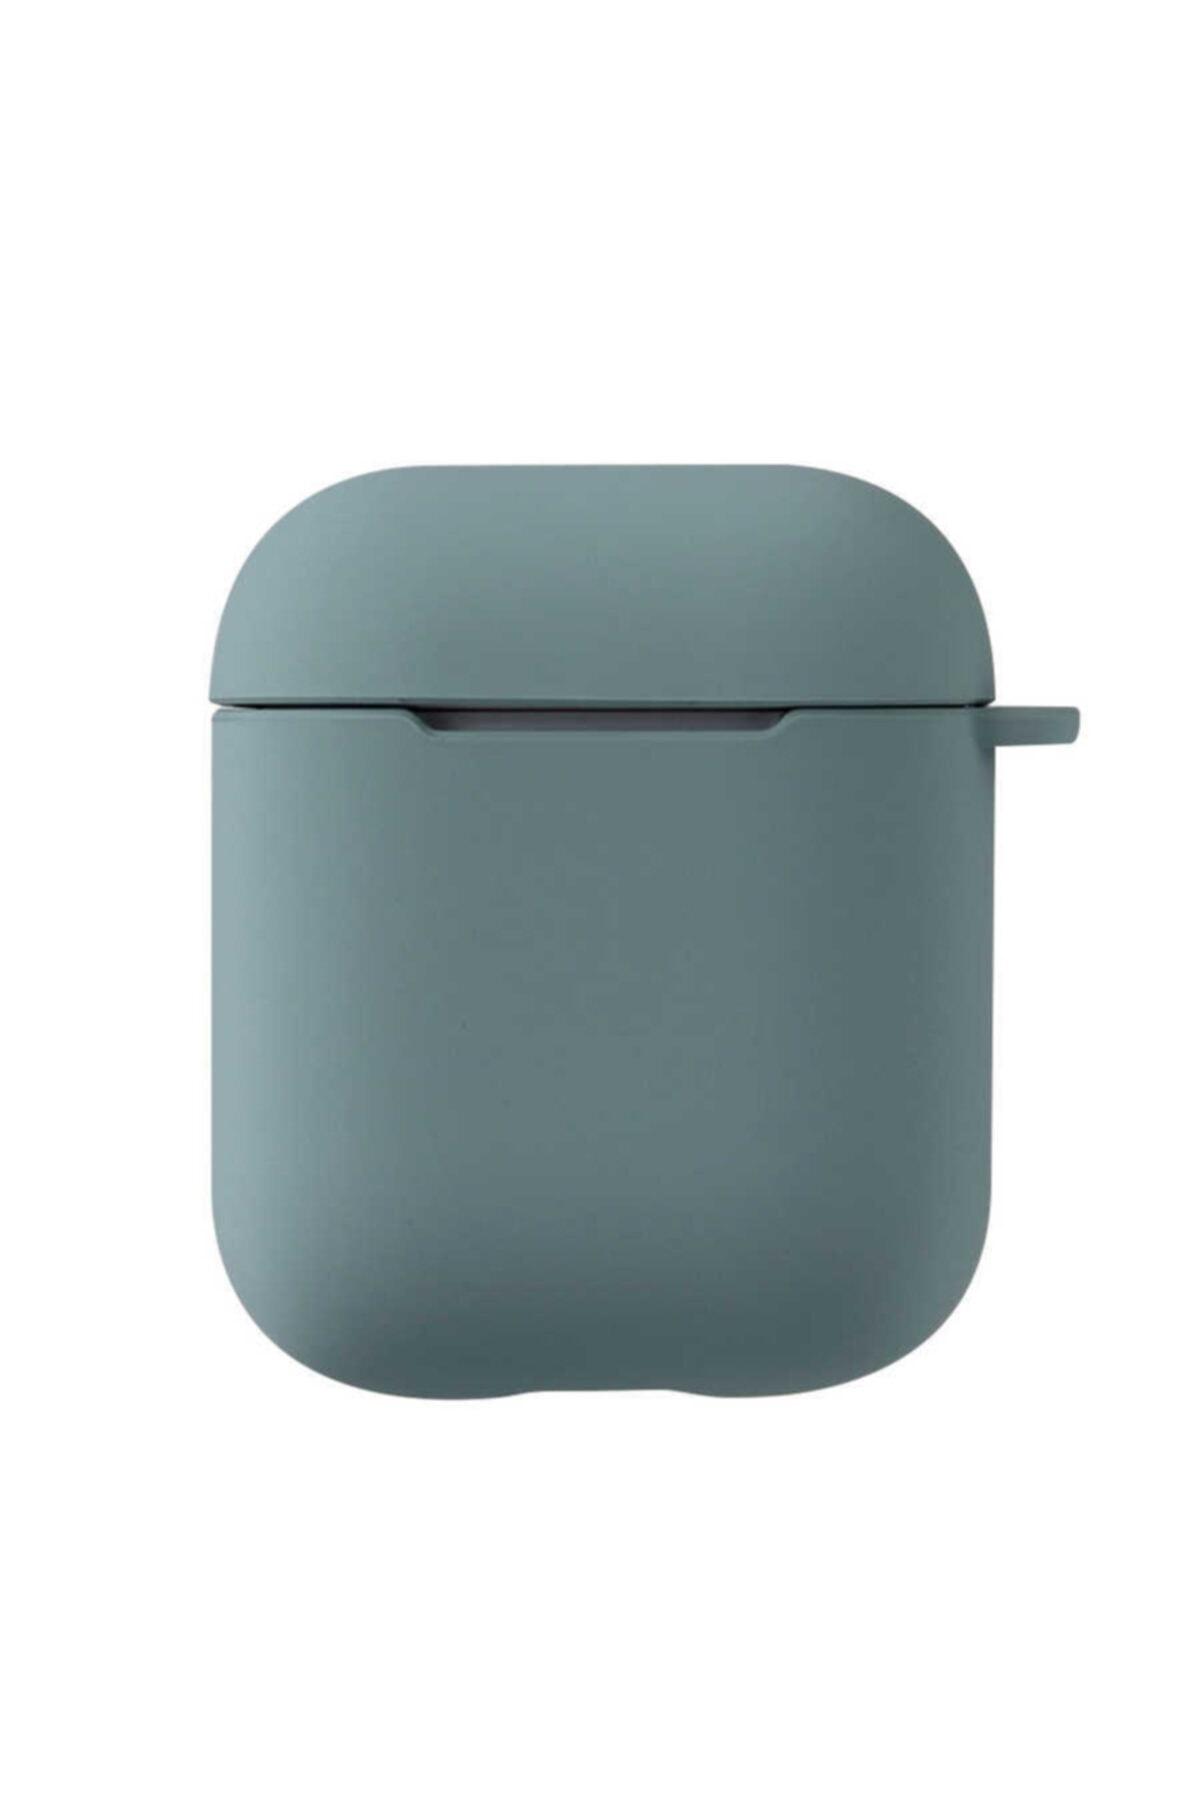 zore Airpods Uyumlu Kılıfı Tpu Wireless Şarj Destekli Soft Görünüm Mat Renkli Silikon Askılı Kılıf 1